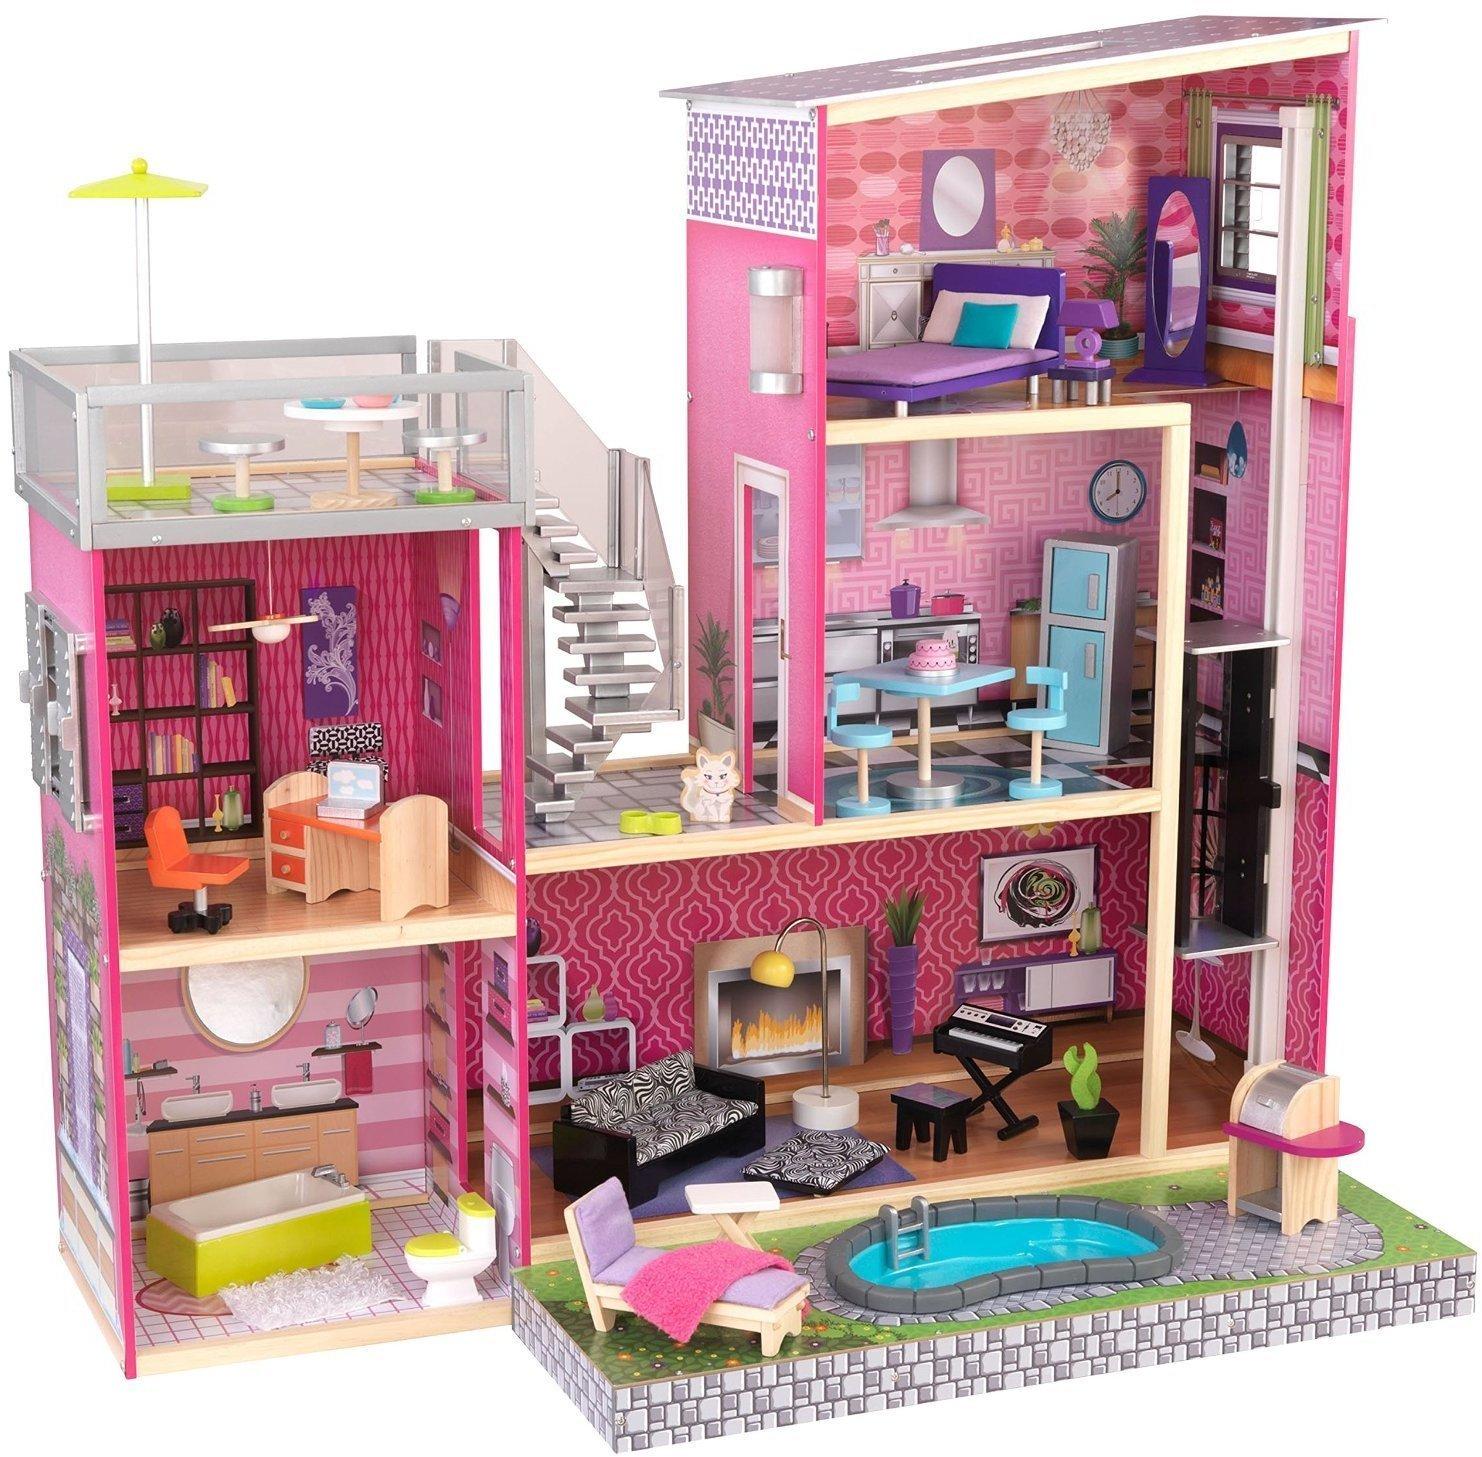 Купить Дом мечты Барби - Глянец, с мебелью 35 предметов и бассейном, KidKraft